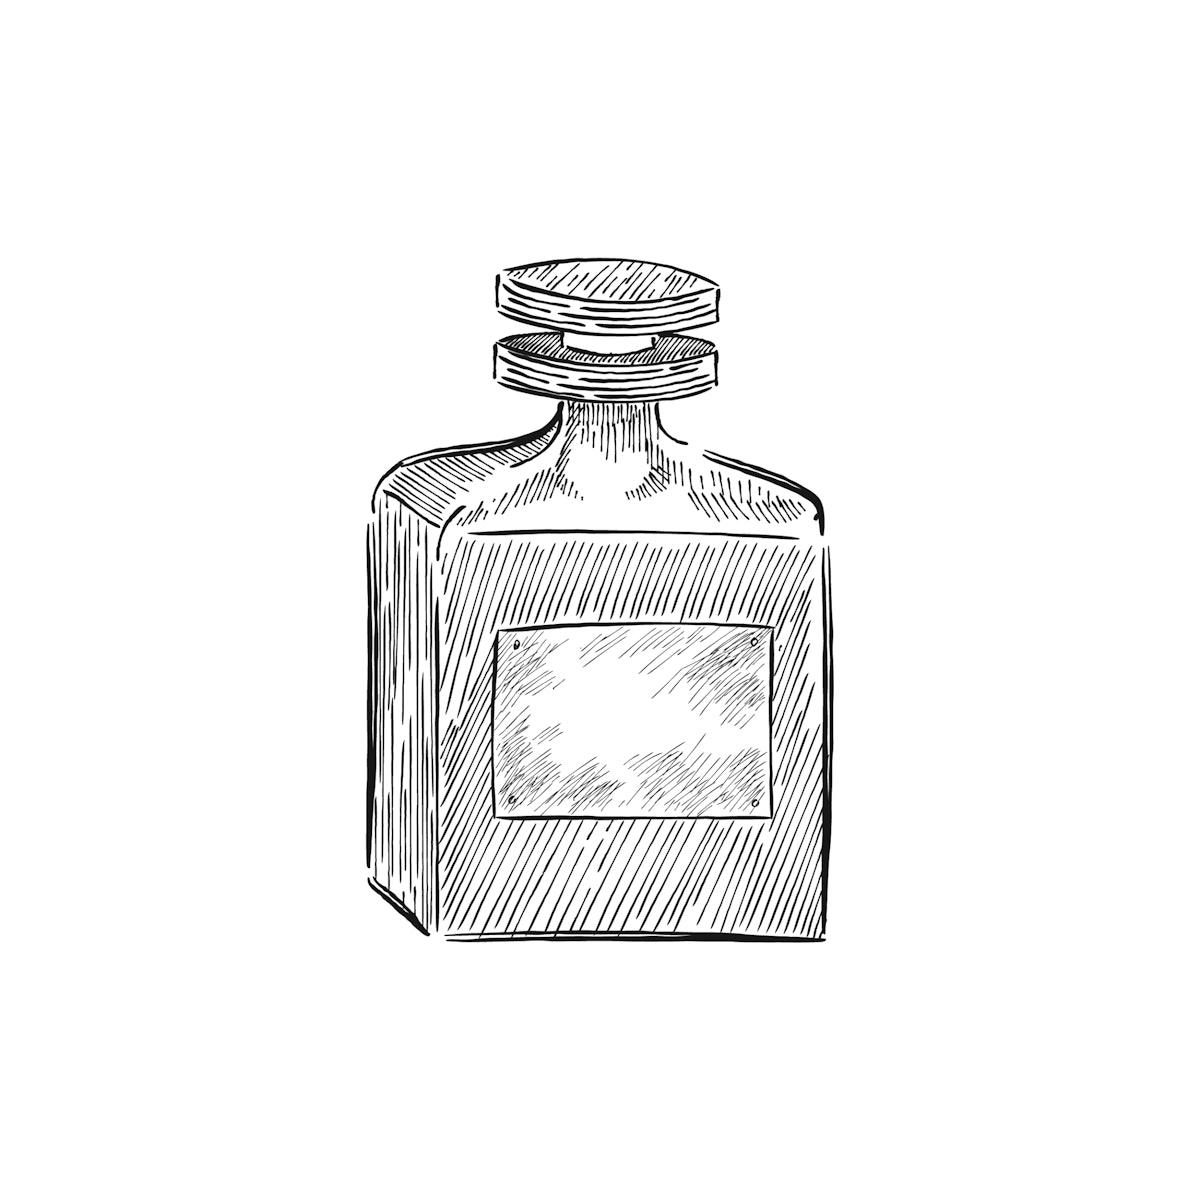 Vintage illustration of a parfume bottle